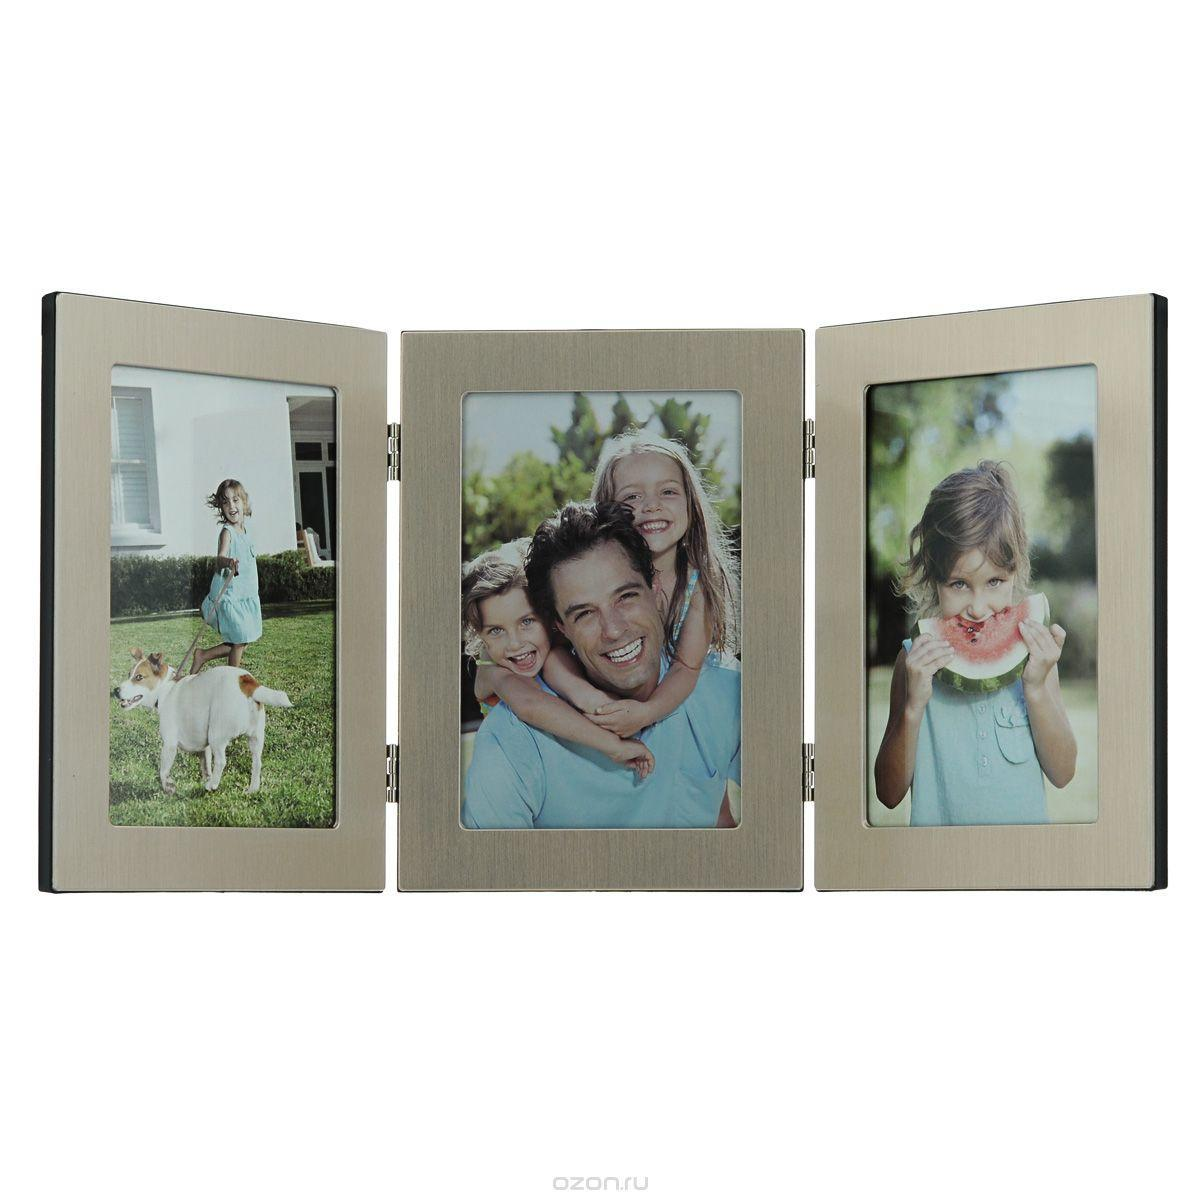 Фоторамка Image Art 6047/3-4G6047/3-4GФоторамка Image Art - прекрасный способ красиво оформить ваши фотографии. Изделие рассчитано на 3 фотографии. Фоторамка выполнена из металла и защищена стеклом. Фоторамку можно поставить на стол или подвесить на стену, для чего с задней стороны предусмотрены специальные отверстия.Такая фоторамка поможет сохранить на память самые яркие моменты вашей жизни, а стильный дизайн сделает ее прекрасным дополнением интерьера.